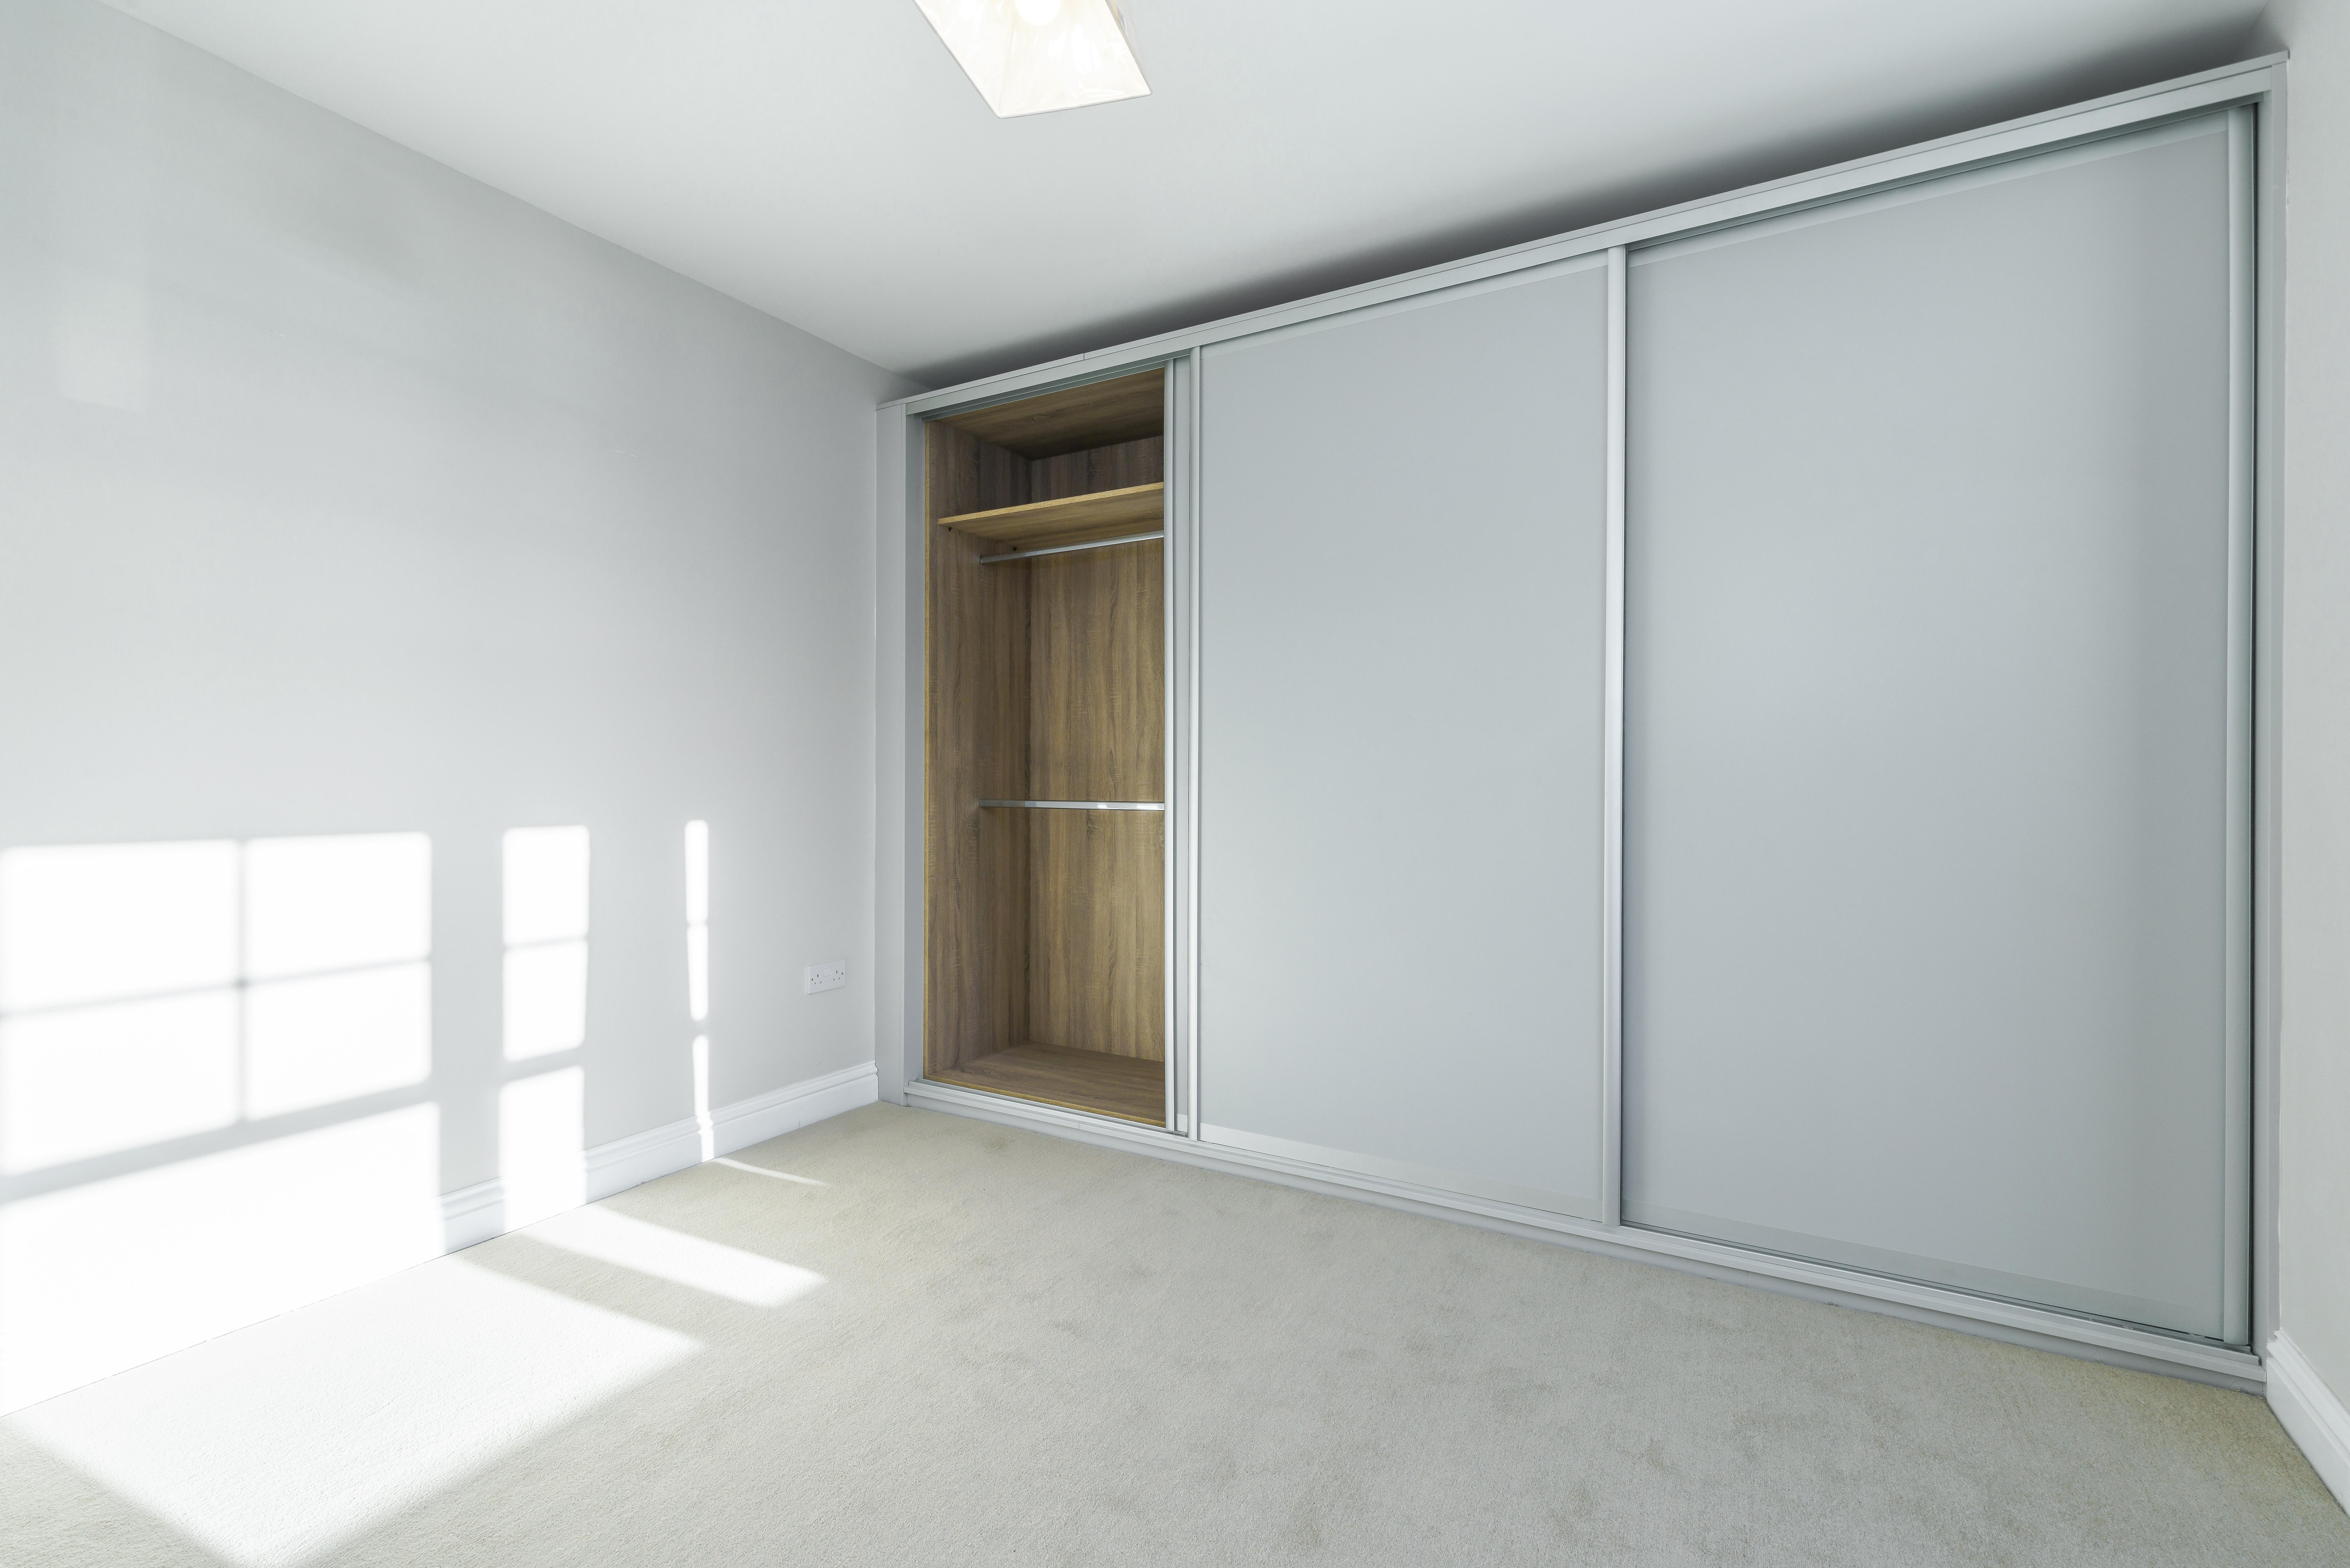 Vstavané skrine-funkčné riešenie šité na mieru - Obrzok